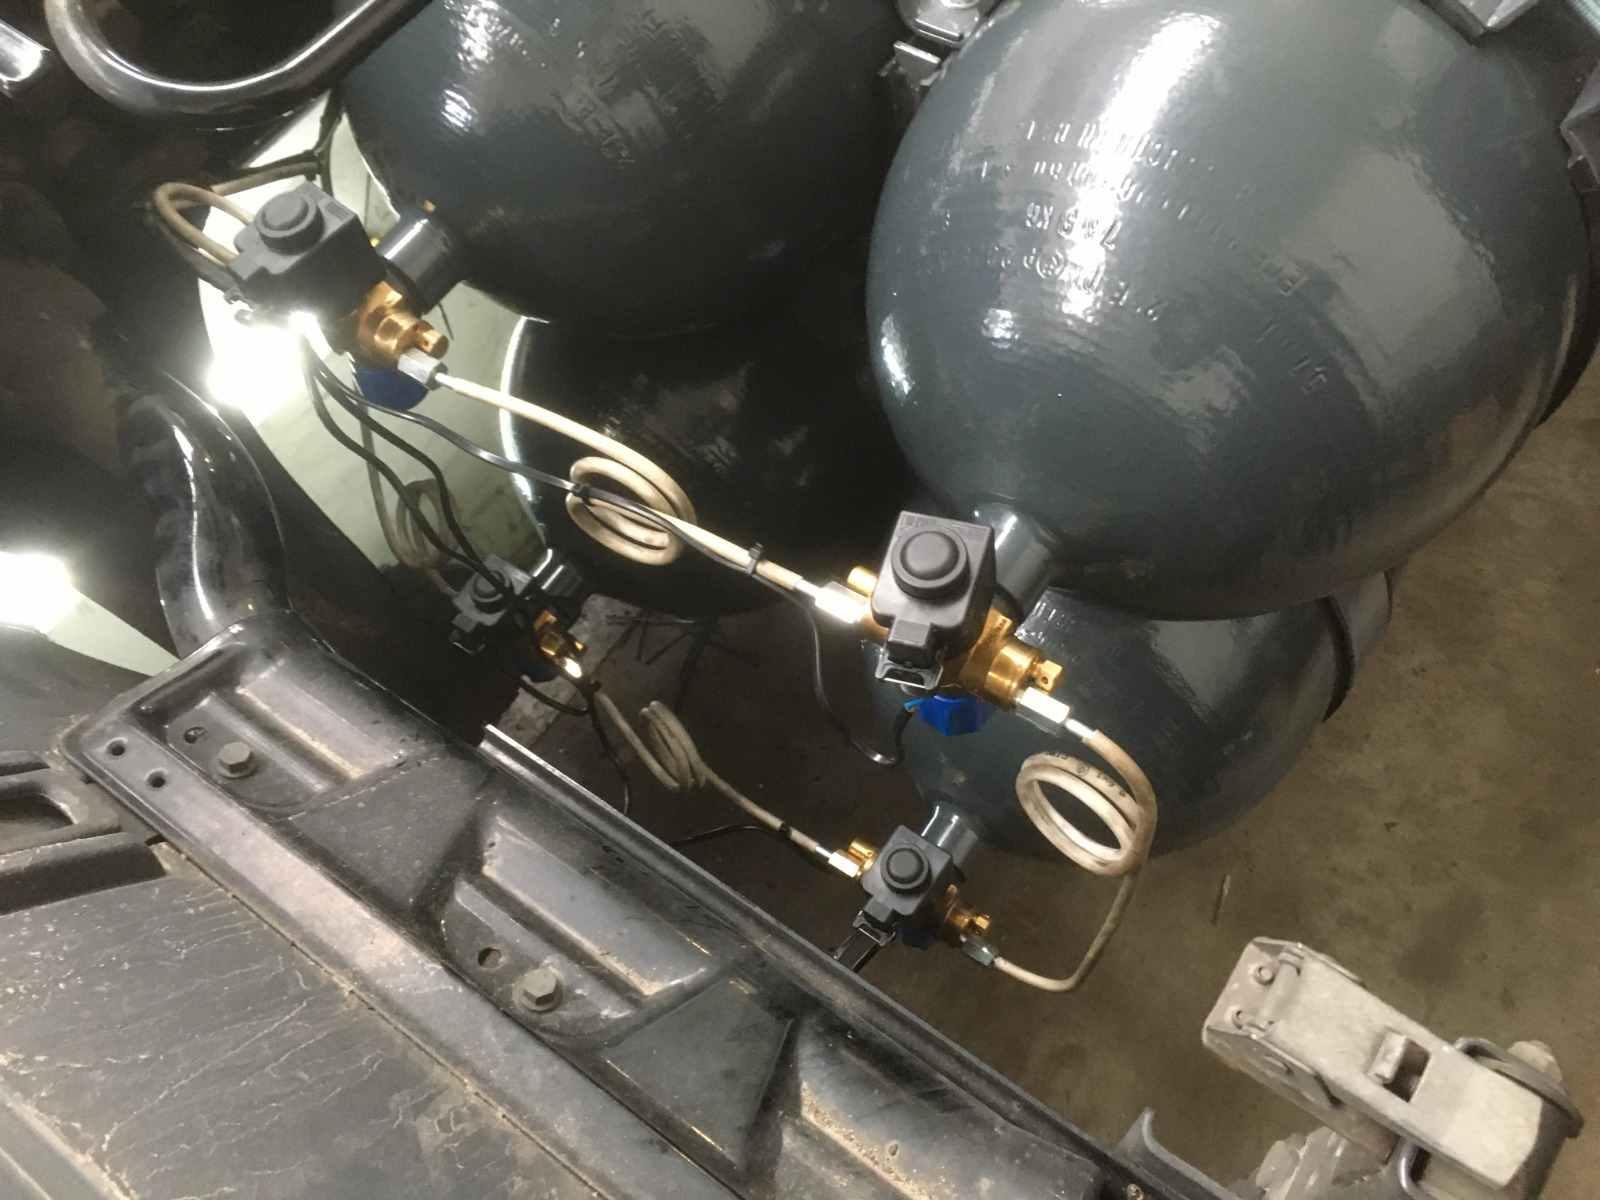 Propojení nádrží CNG na tahači